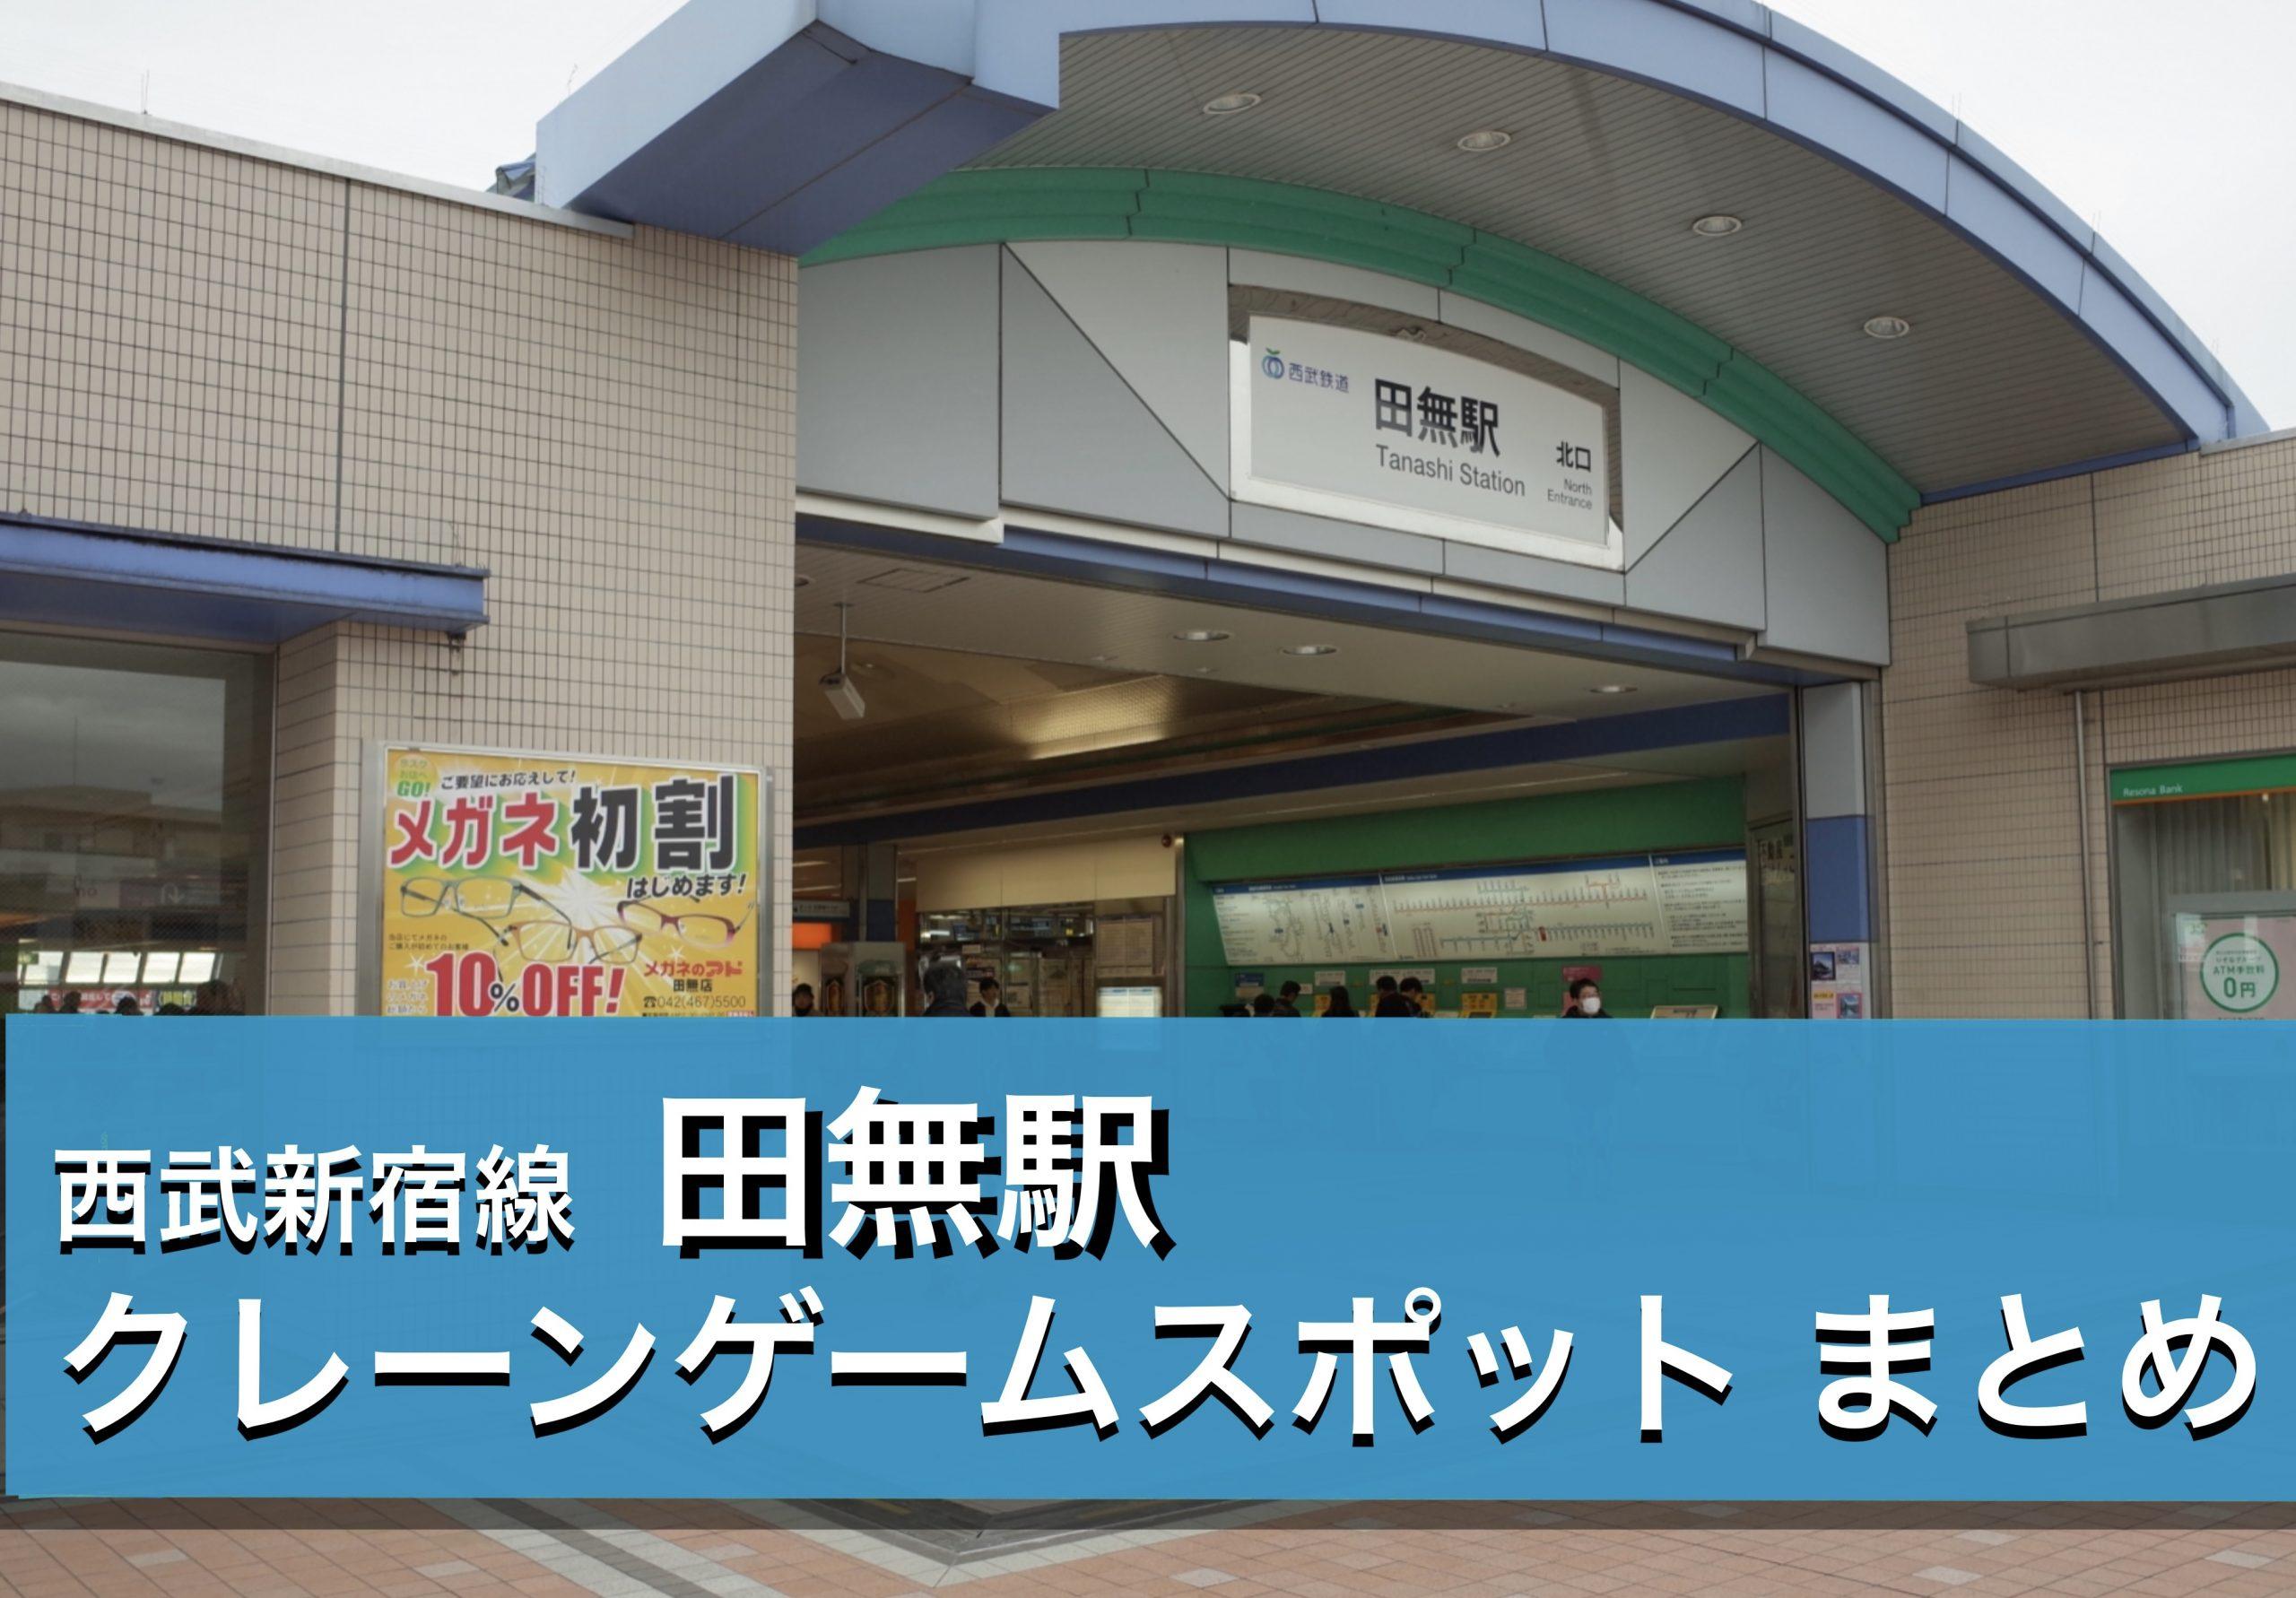 【田無駅】クレーンゲームができる場所